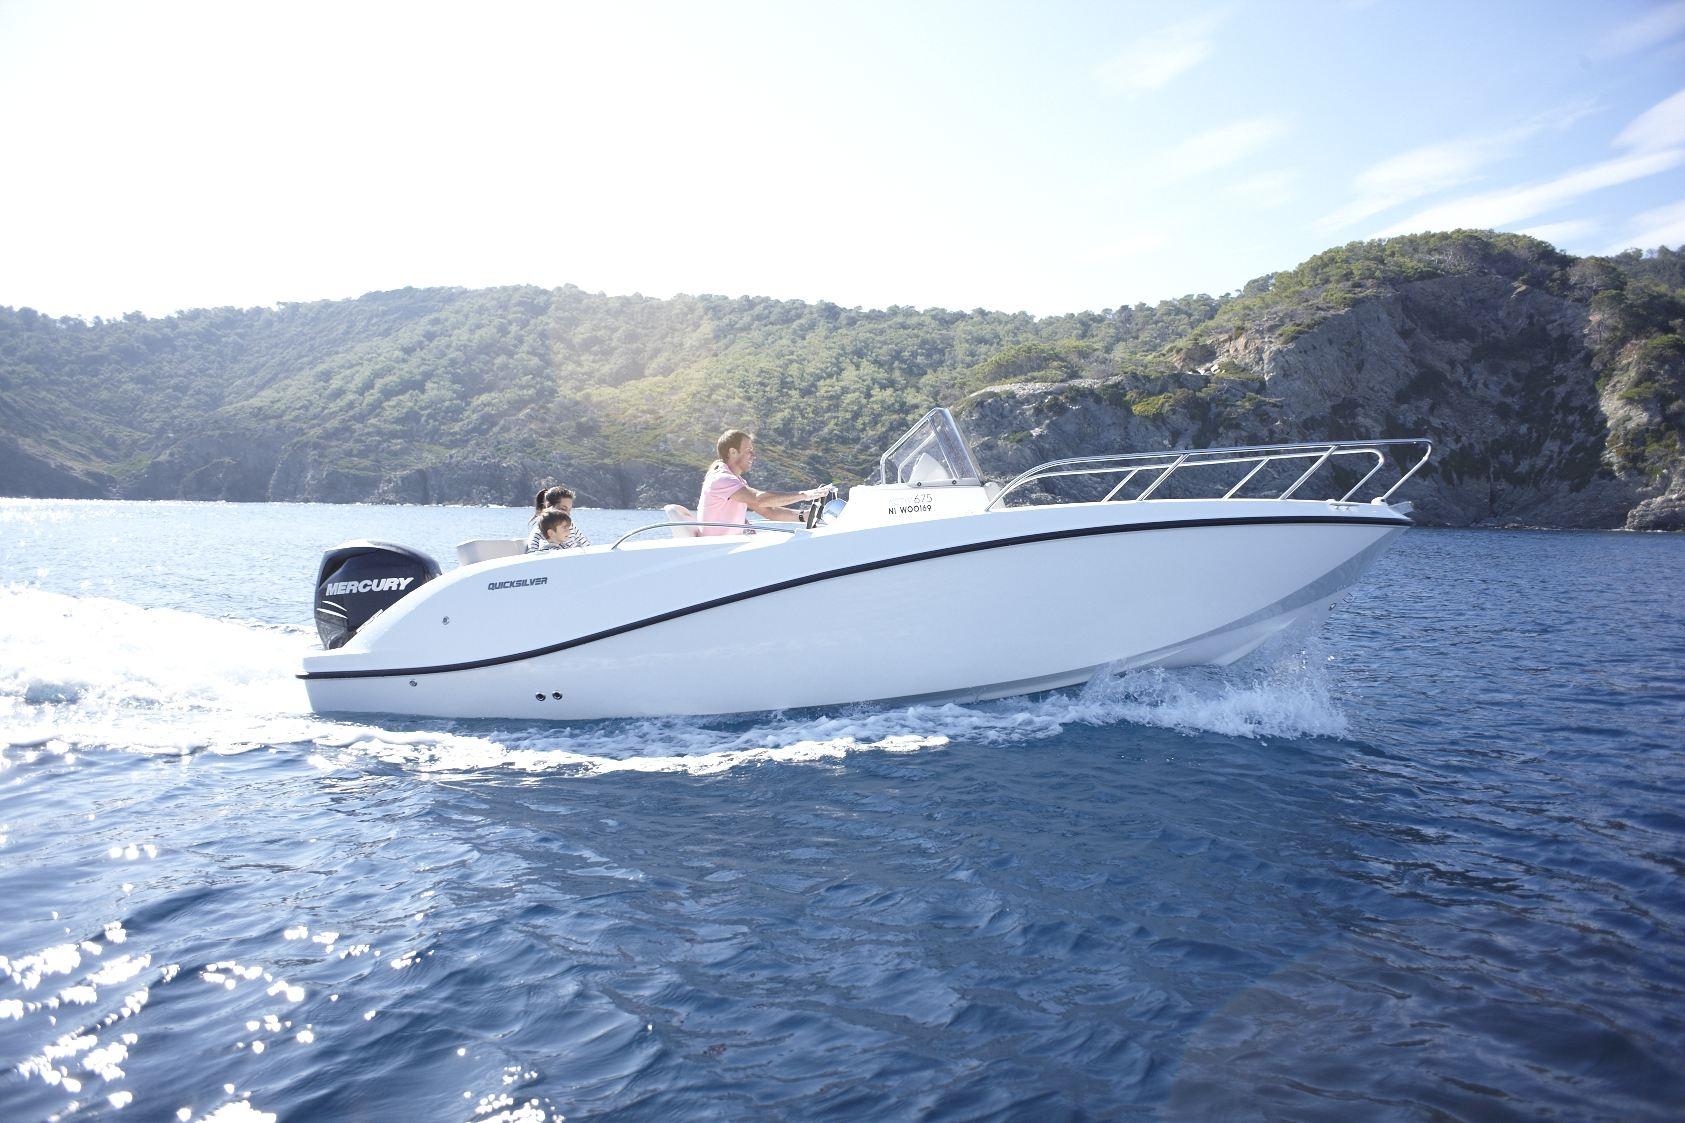 quicksilver activ 675 sundeck occasion annonces de bateau en vente. Black Bedroom Furniture Sets. Home Design Ideas